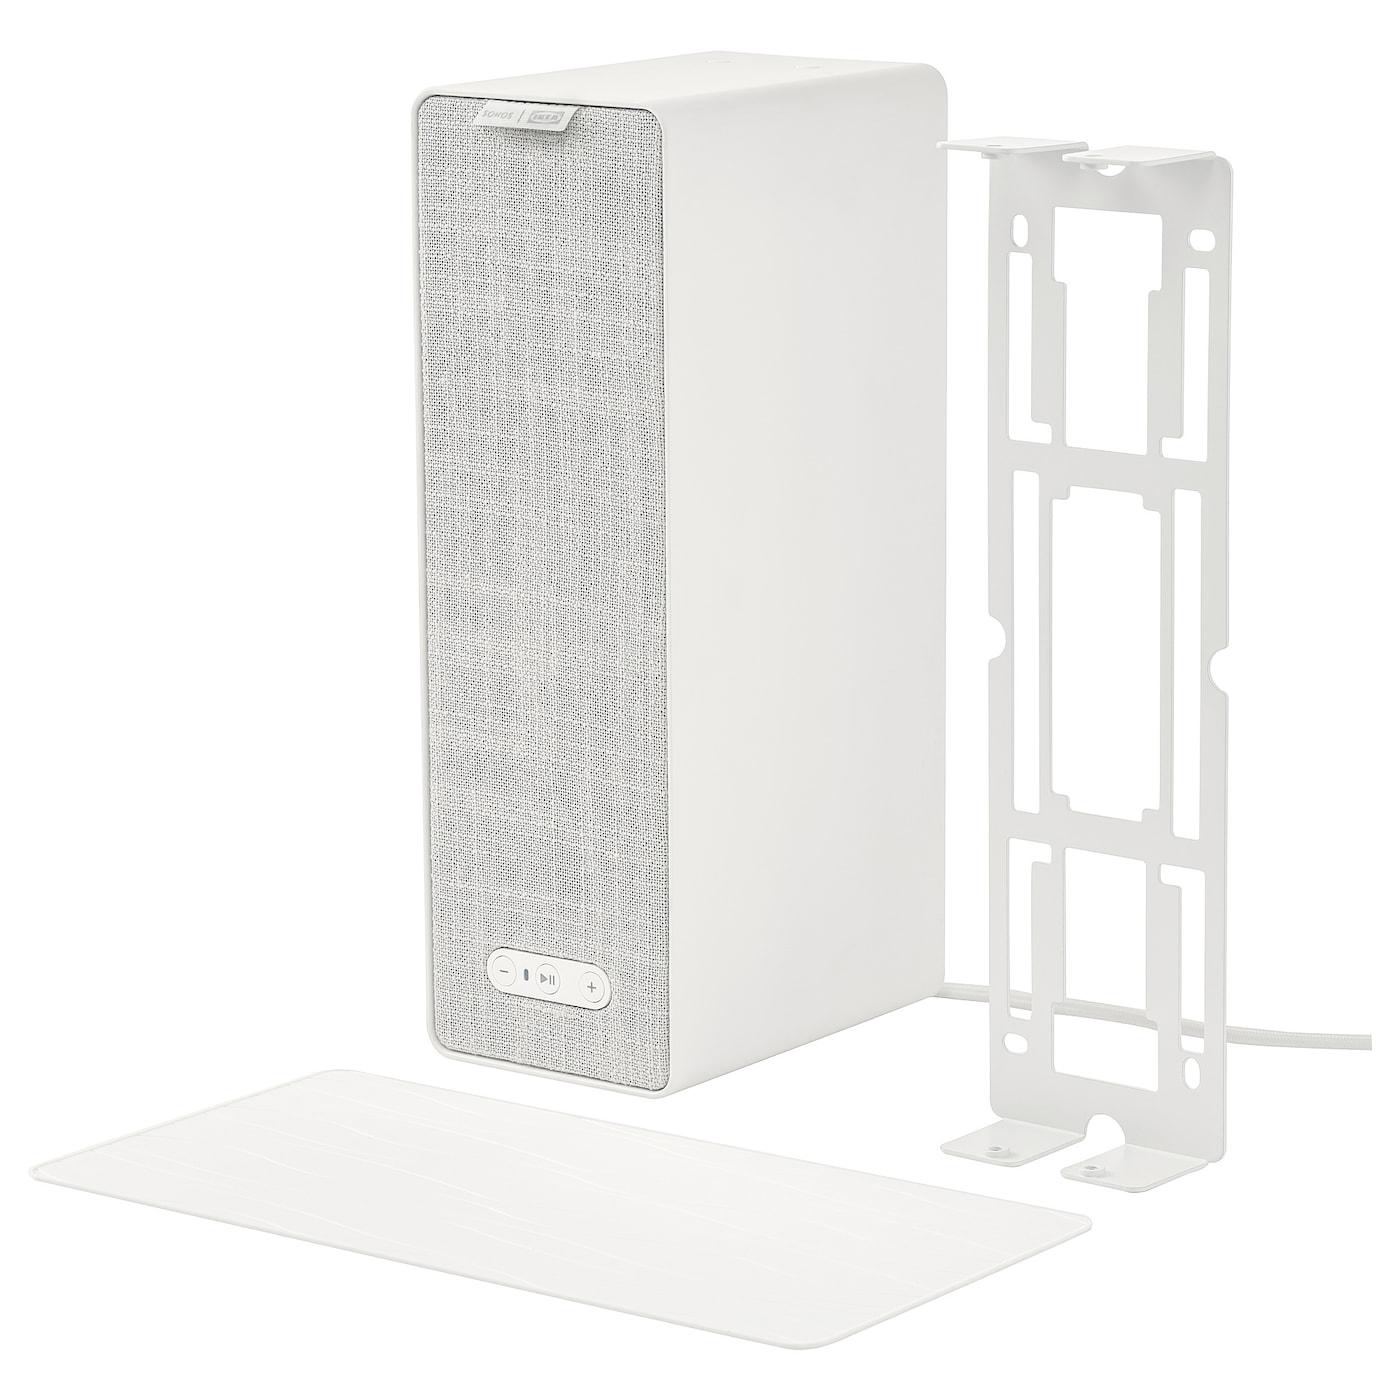 Ikea SYMFONISK WiFi speaker with bracket, white12x4x6